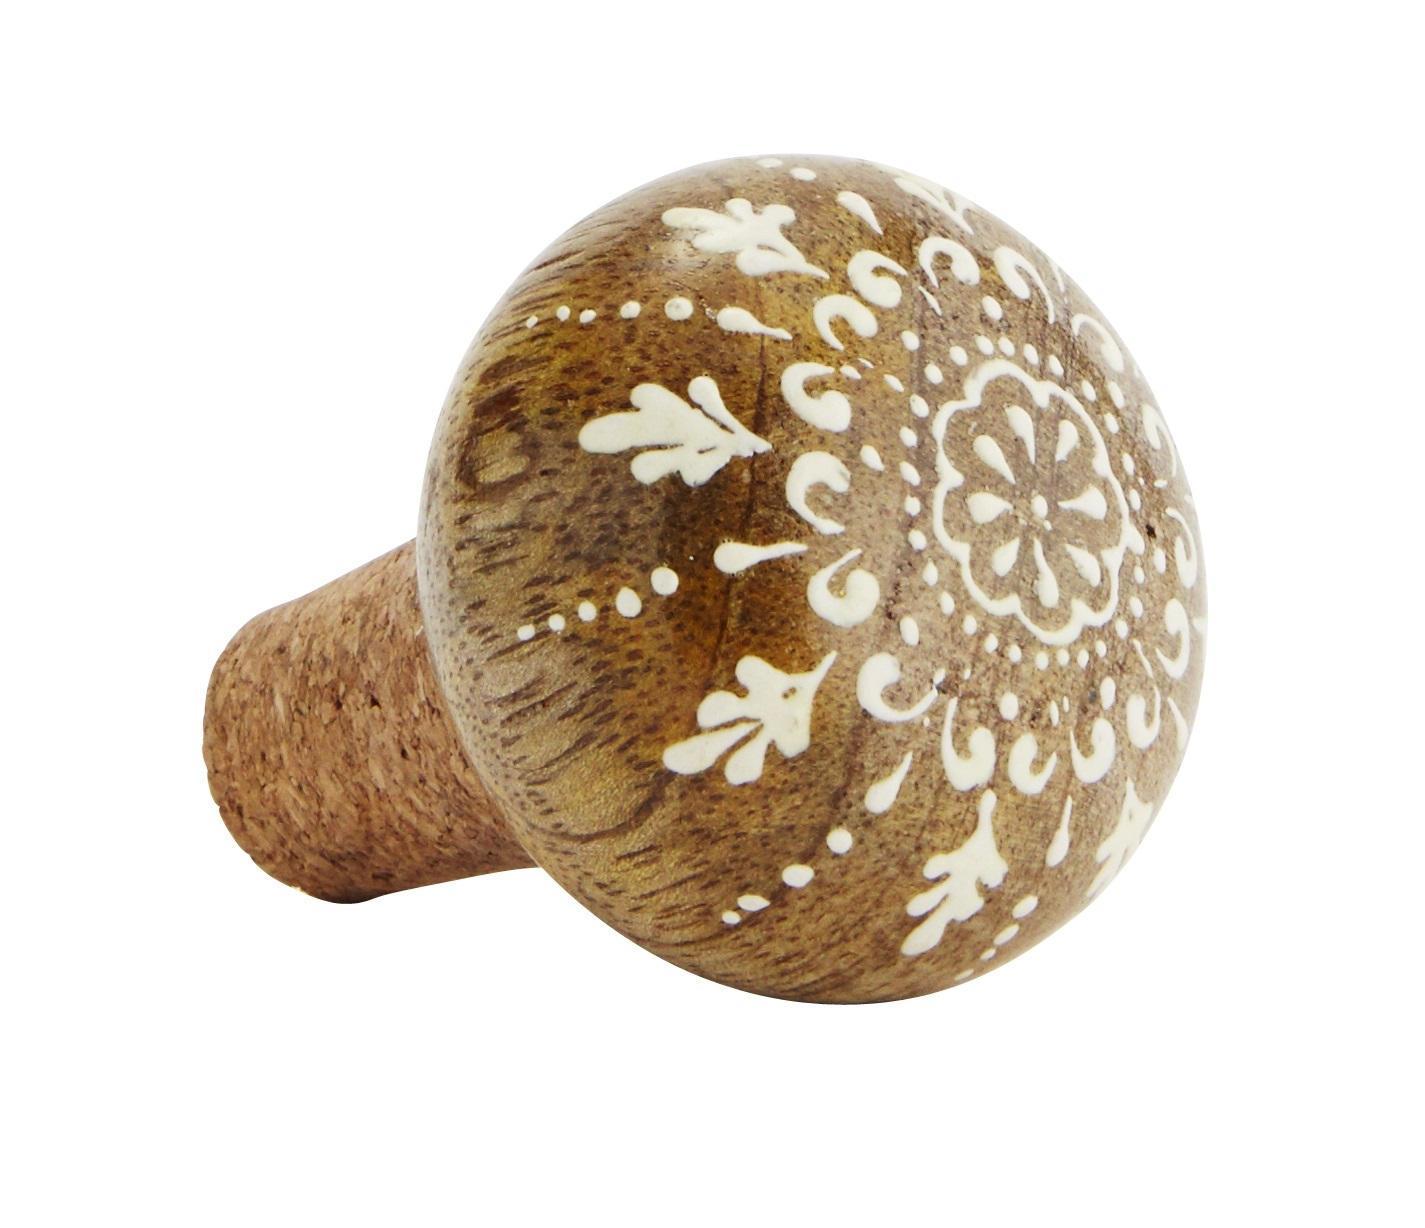 MADAM STOLTZ Dřevěná zátka na lahev Natural/white, bílá barva, hnědá barva, přírodní barva, dřevo, korek